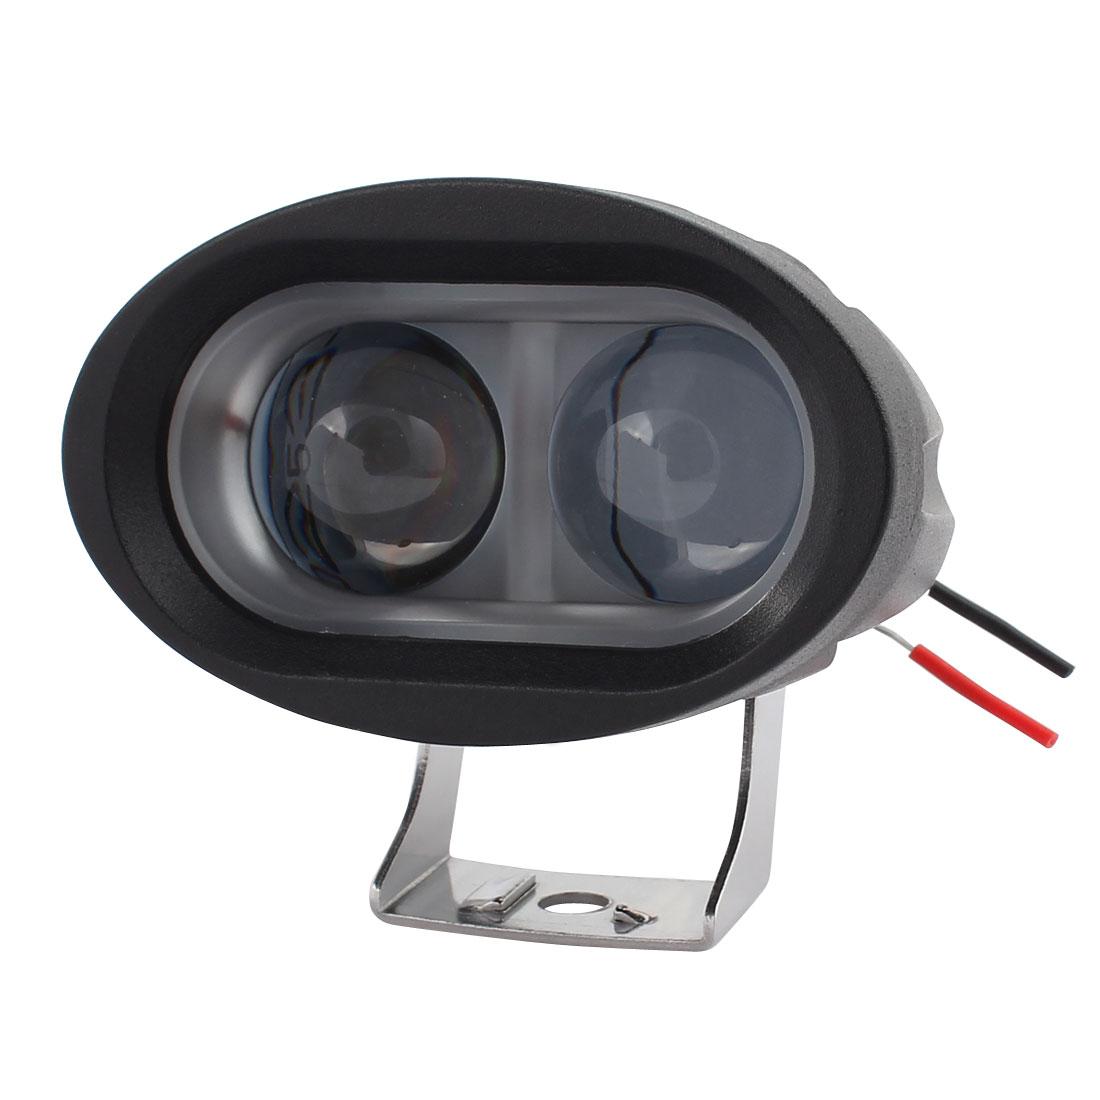 20W DC 10V-30V 2 LED Bulb Spotlight Working Lamp for Hall Lighting